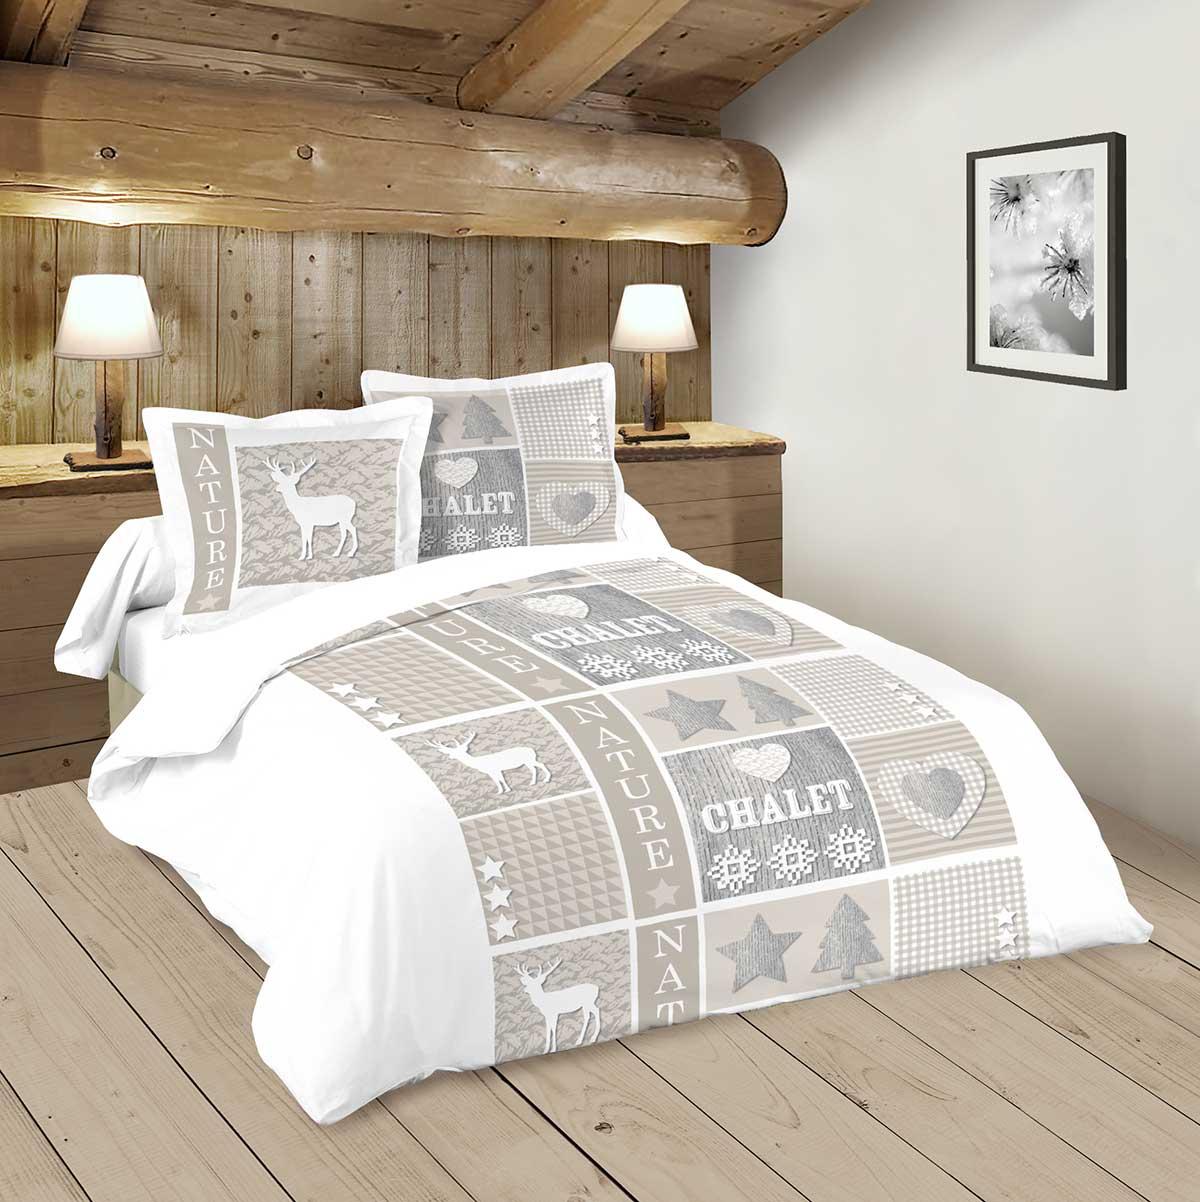 Parure de lit rennes et montagne naturel homemaison - Parure de lit om 2 personnes ...